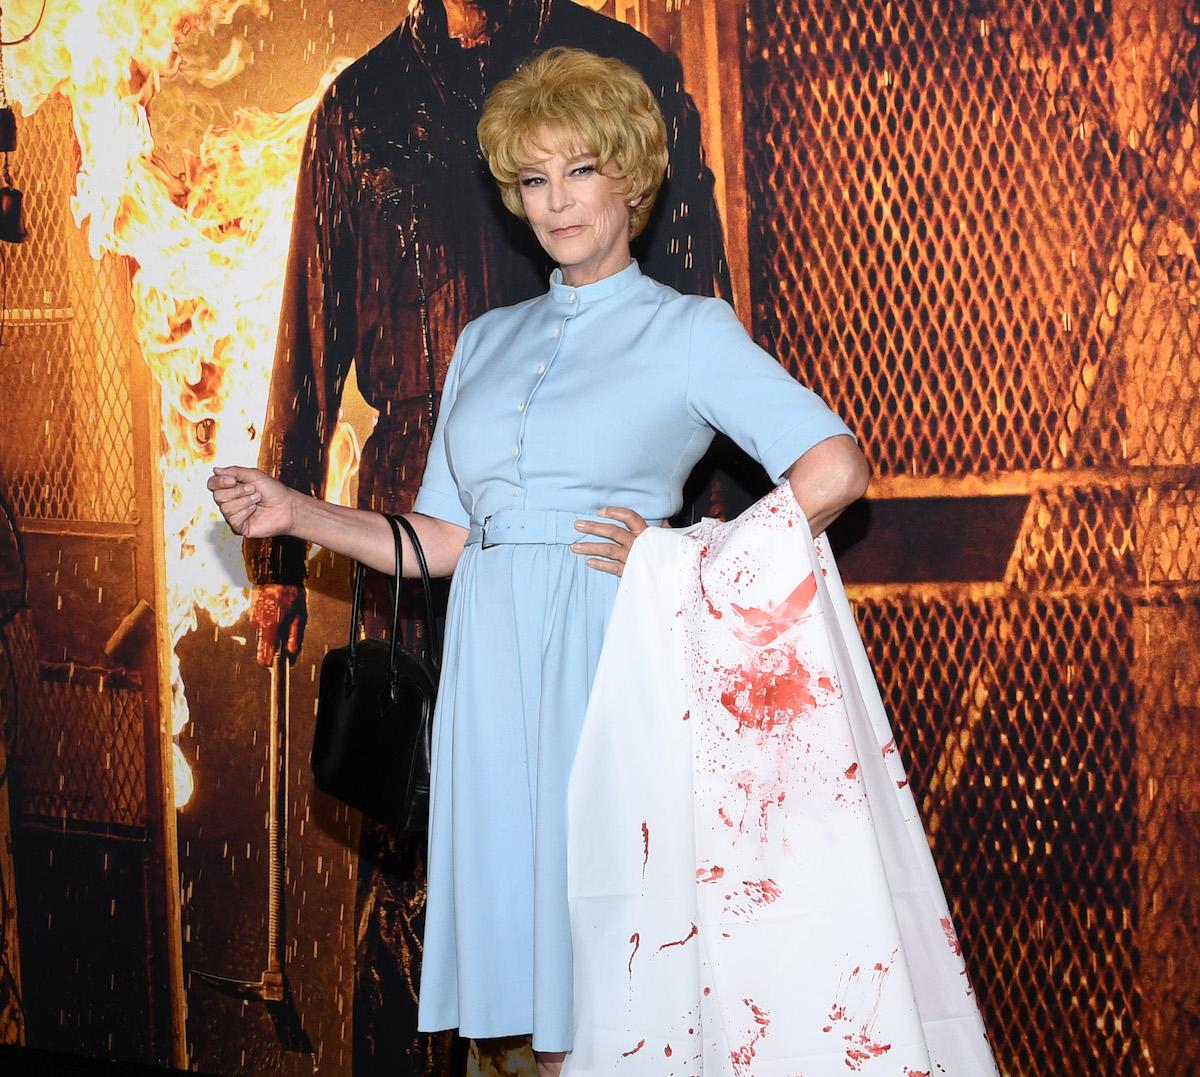 Jamie Lee Curtis of 'Halloween Kills' in blue dress